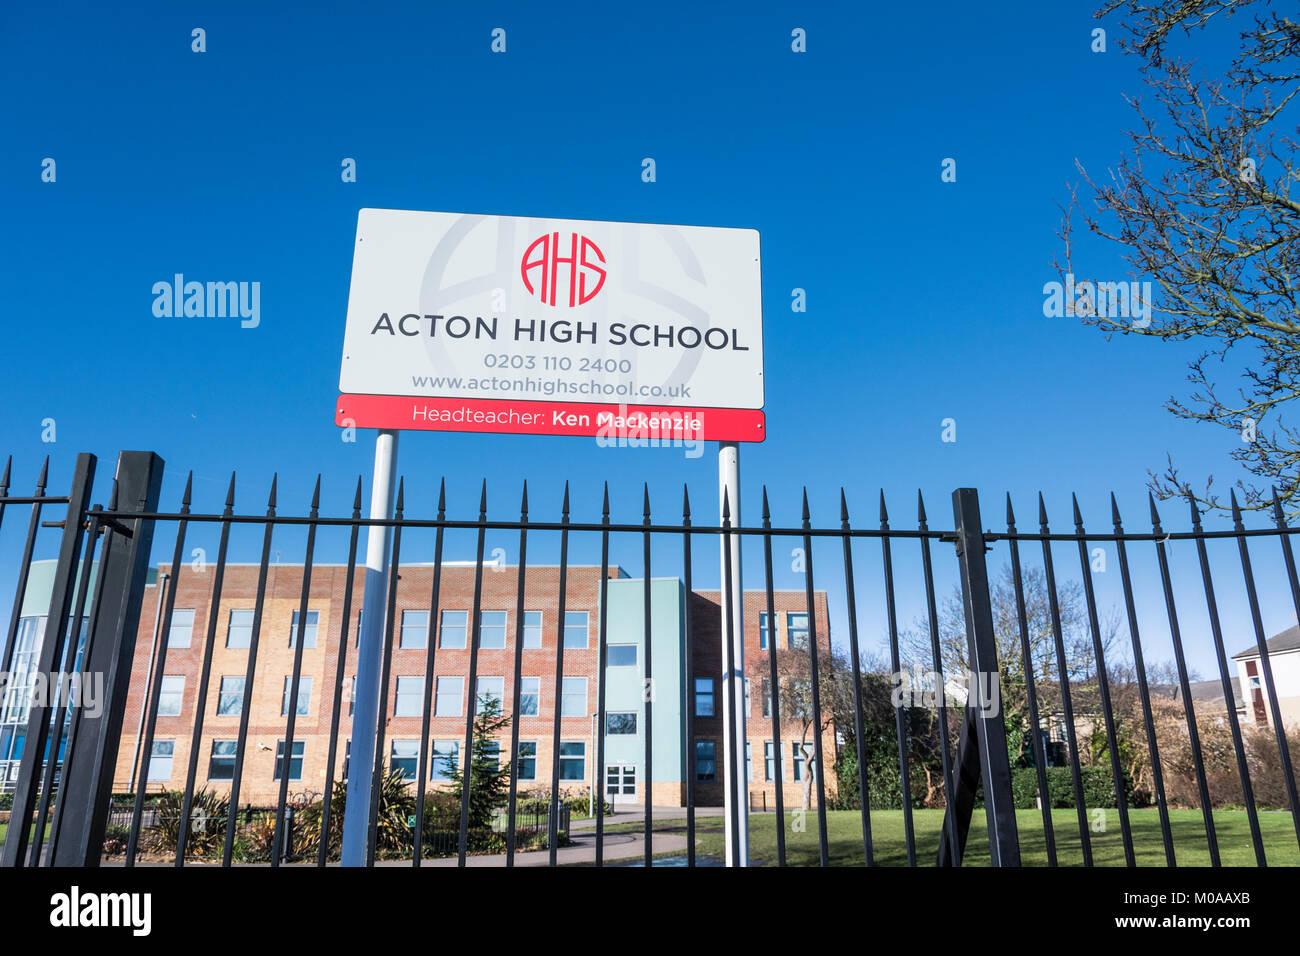 Acton High School Gunnersbury Lane London W3 UK